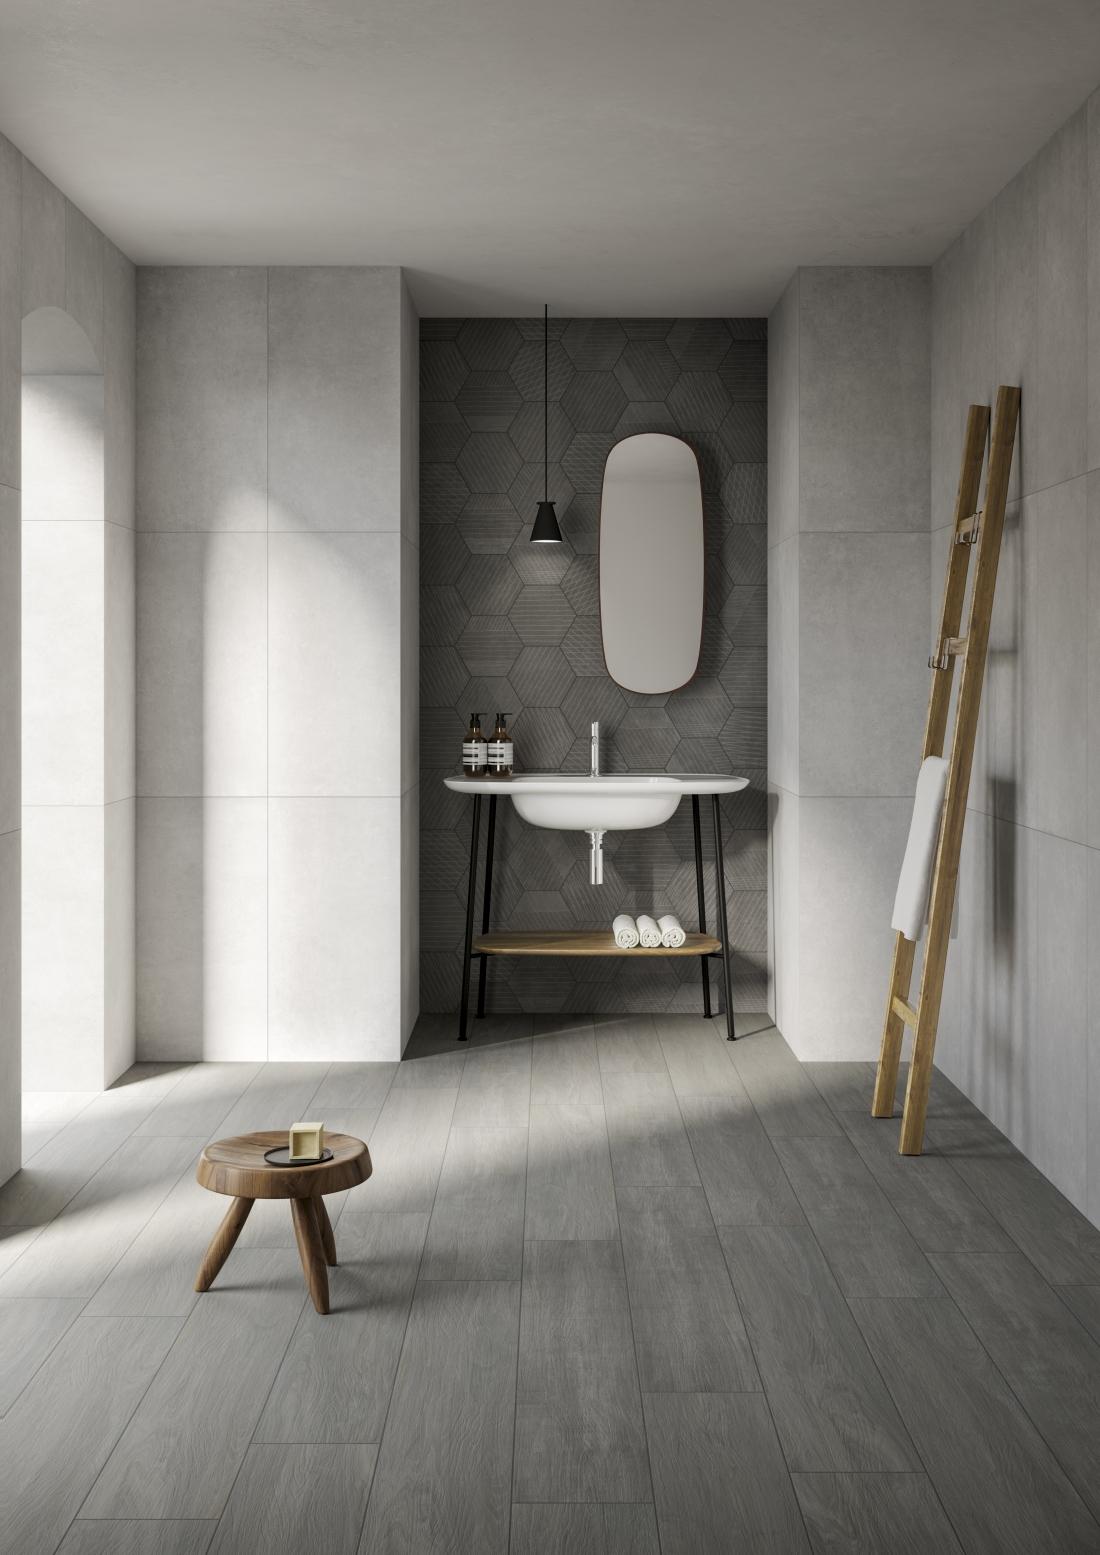 ColorCode - Urbancrete Grey and Urbanwood Grey, VitrA